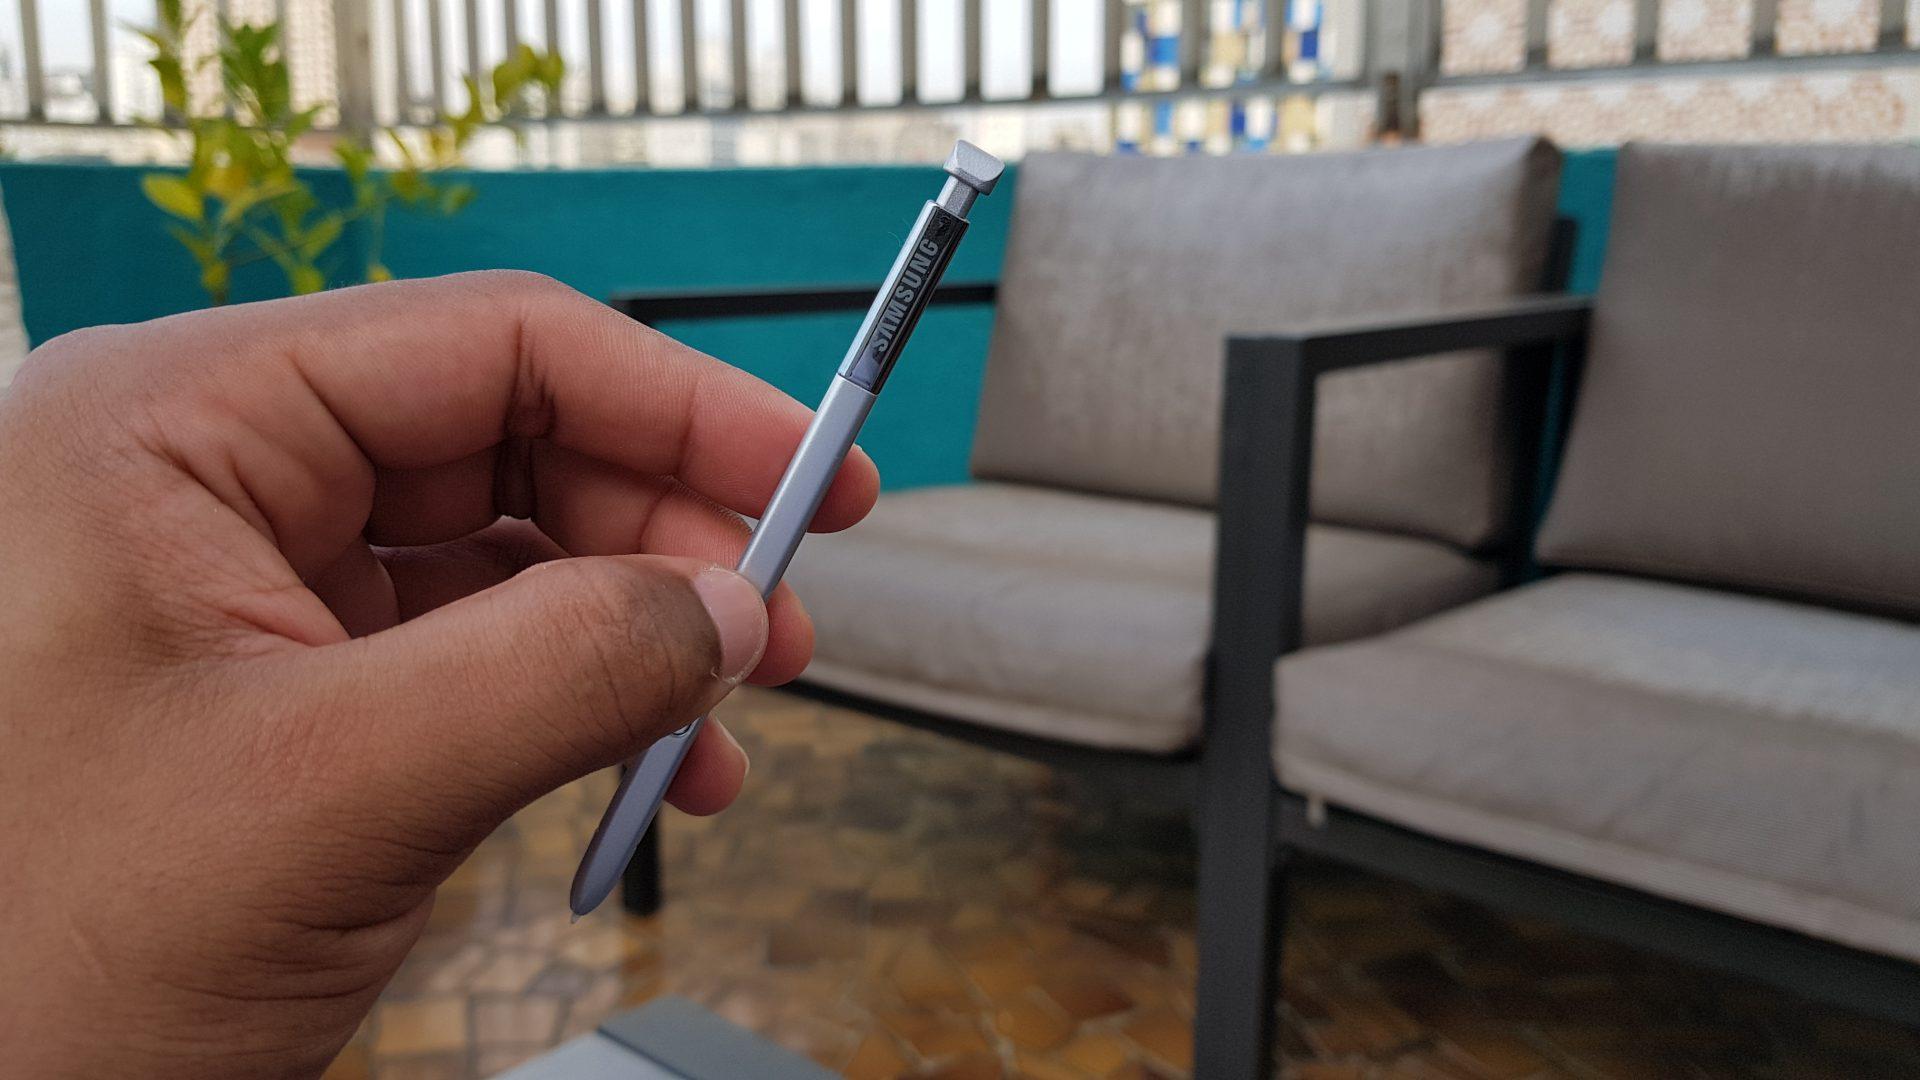 Caneta stylus funciona de acordo com a energia emitida pela tela